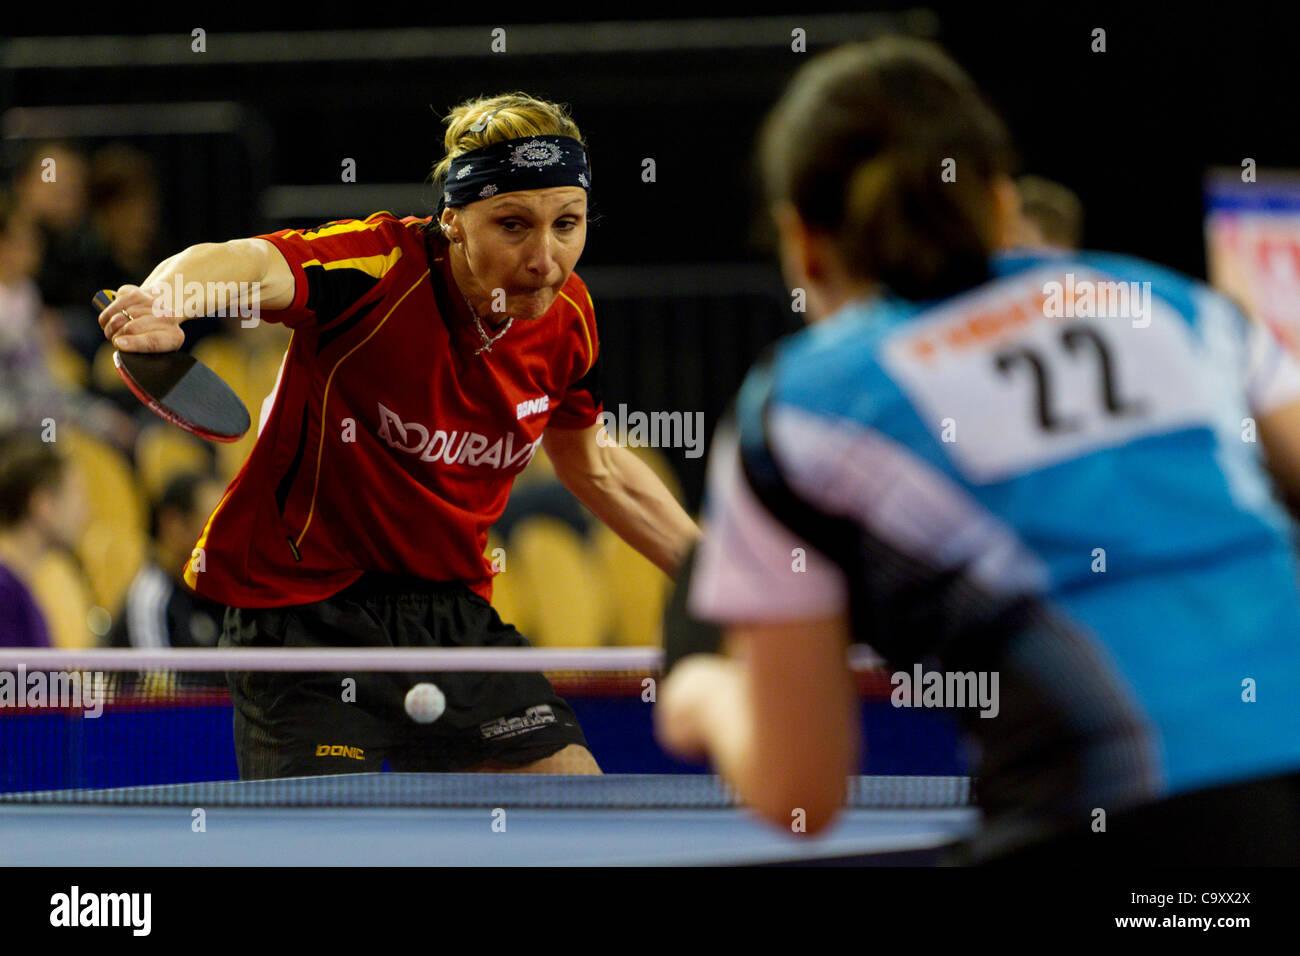 EINDHOVEN, Holanda, el 03/03/2012. Jugador de tenis de mesa Yana Timina (izquierda) gana su partido en los campeonatos Imagen De Stock